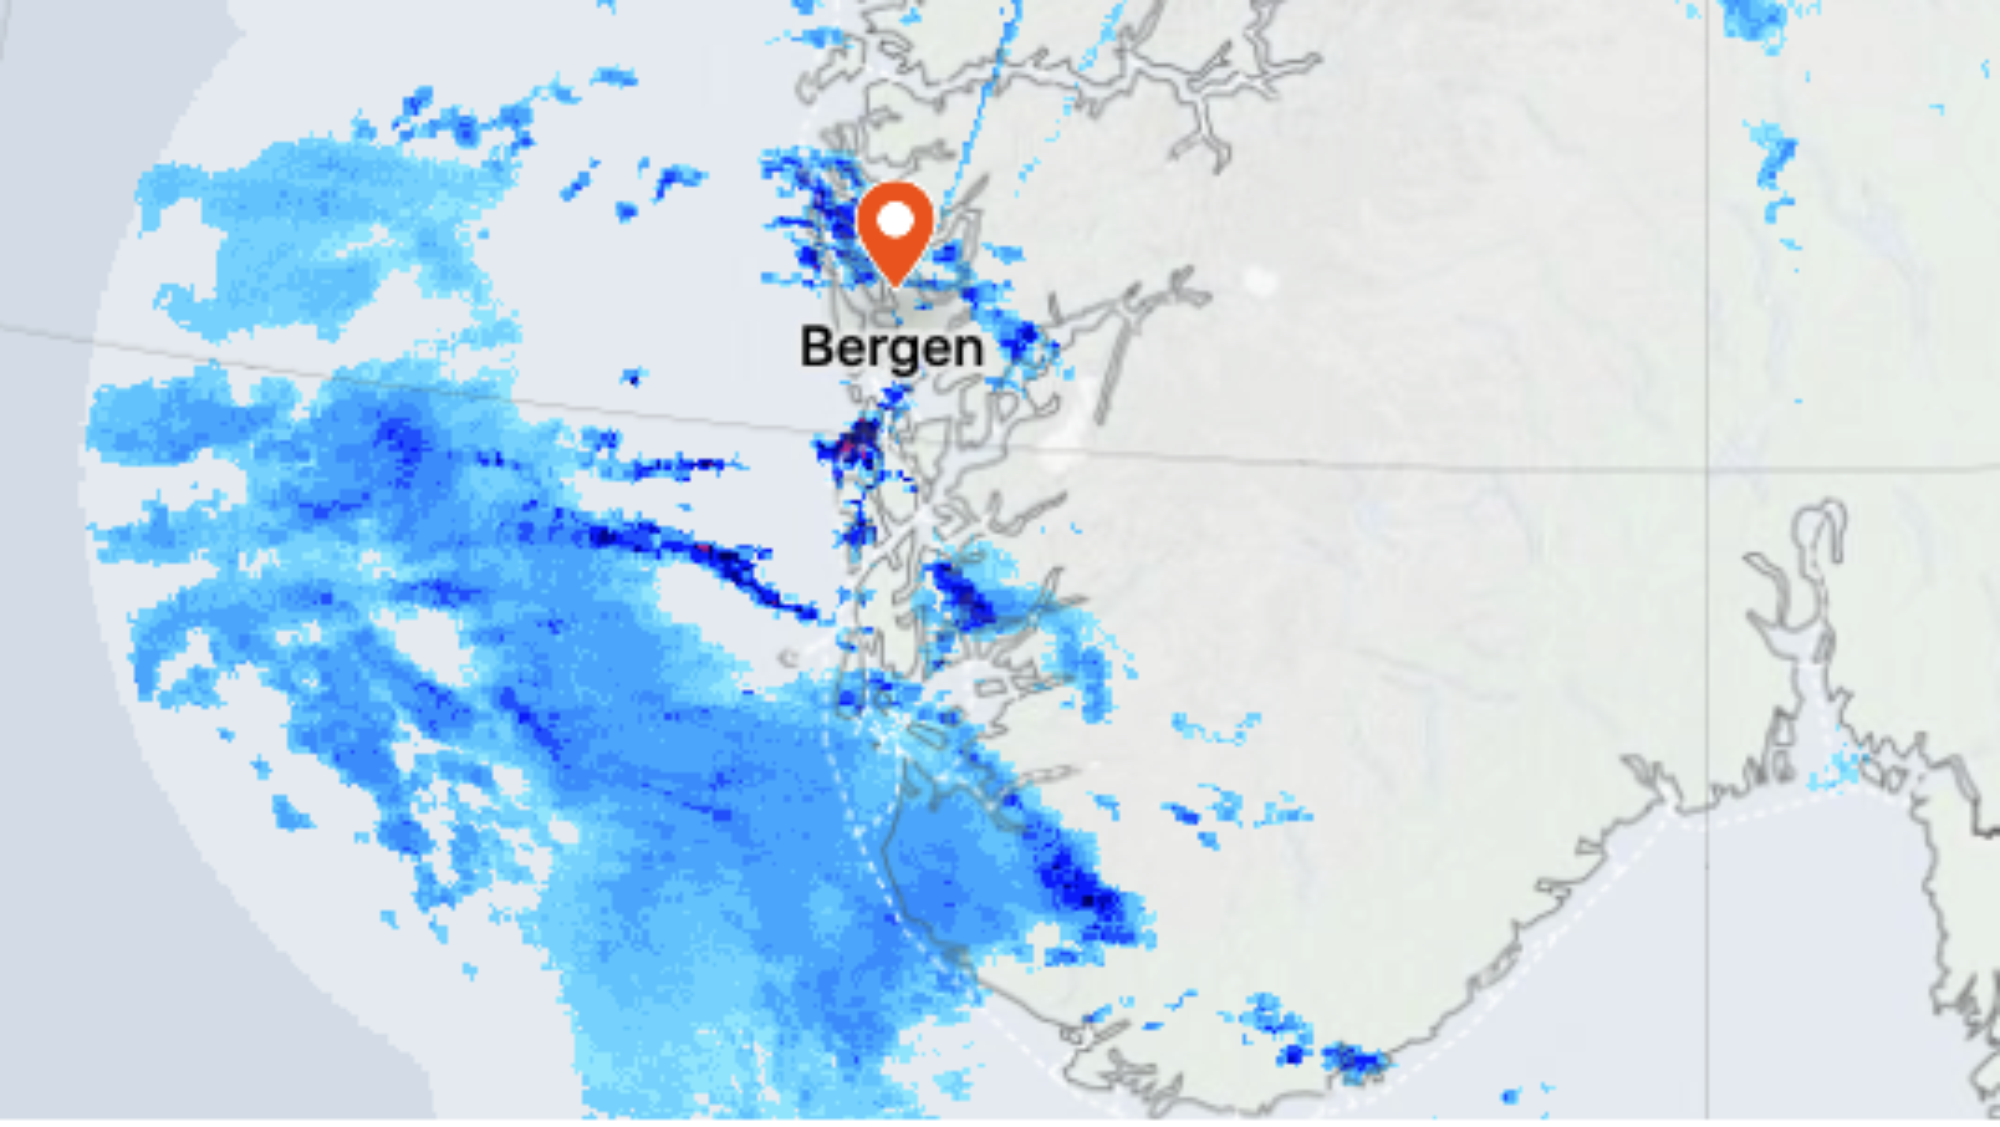 Skjermbilde fra værvarsel fra Yr levert av Meteorologisk institutt og NRK.